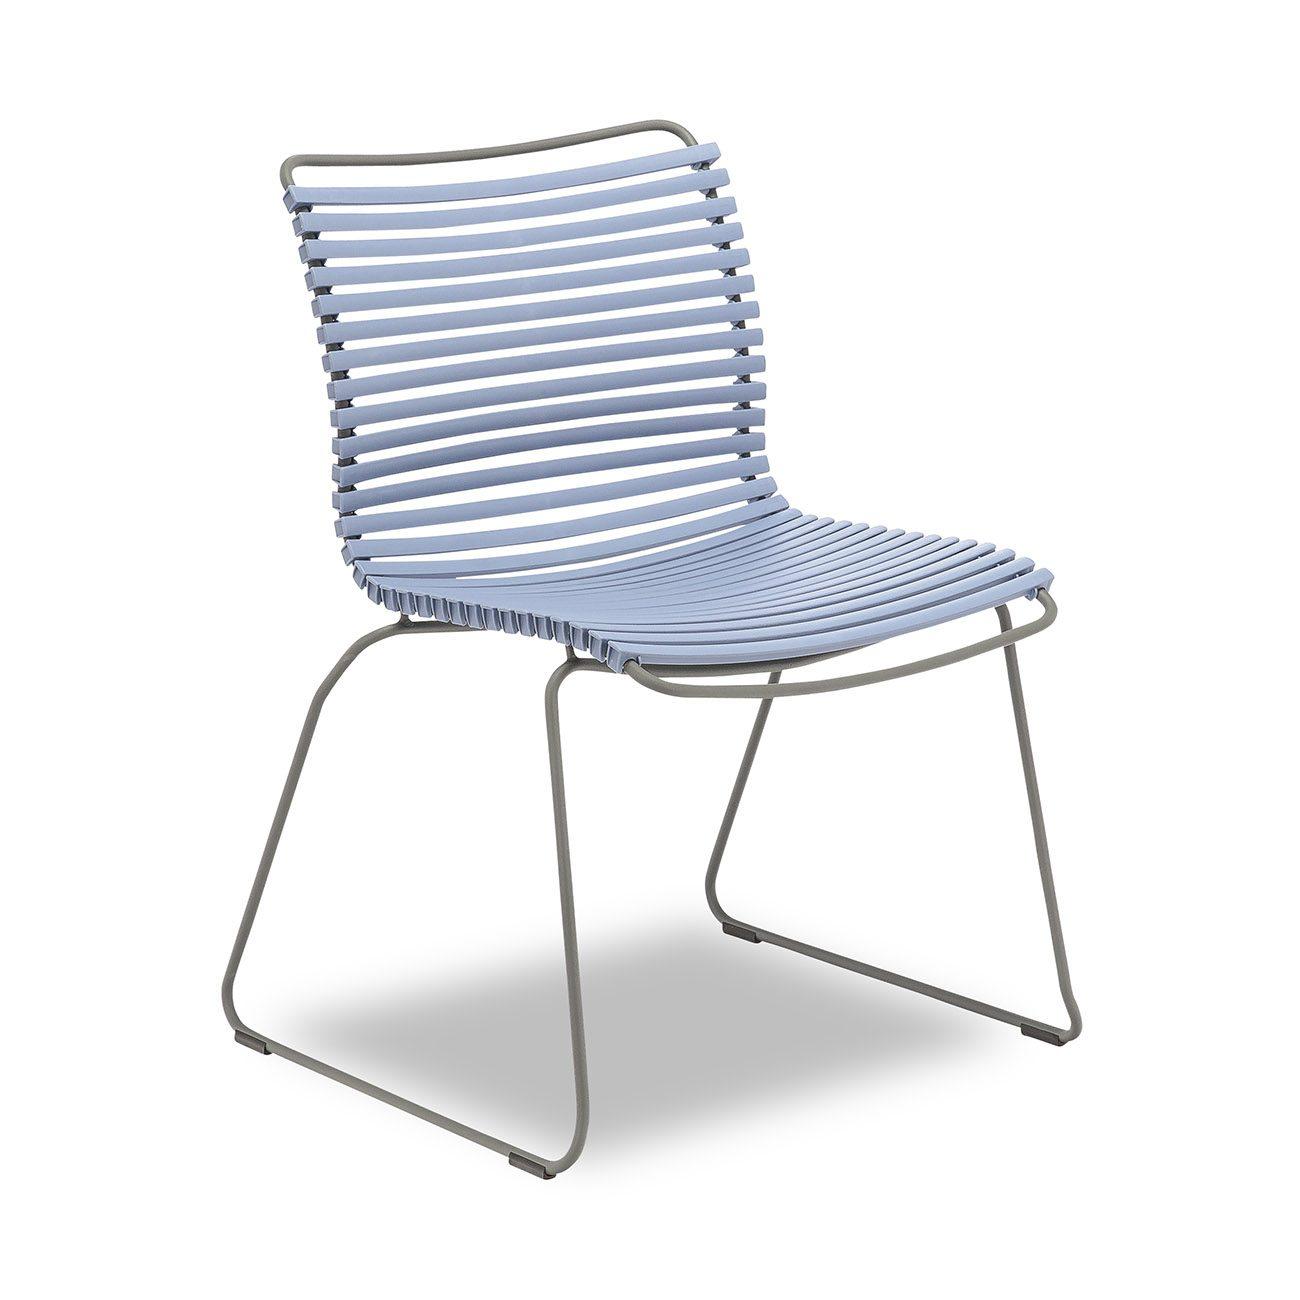 På bild ser ni en duvblå click matstol från Houe.